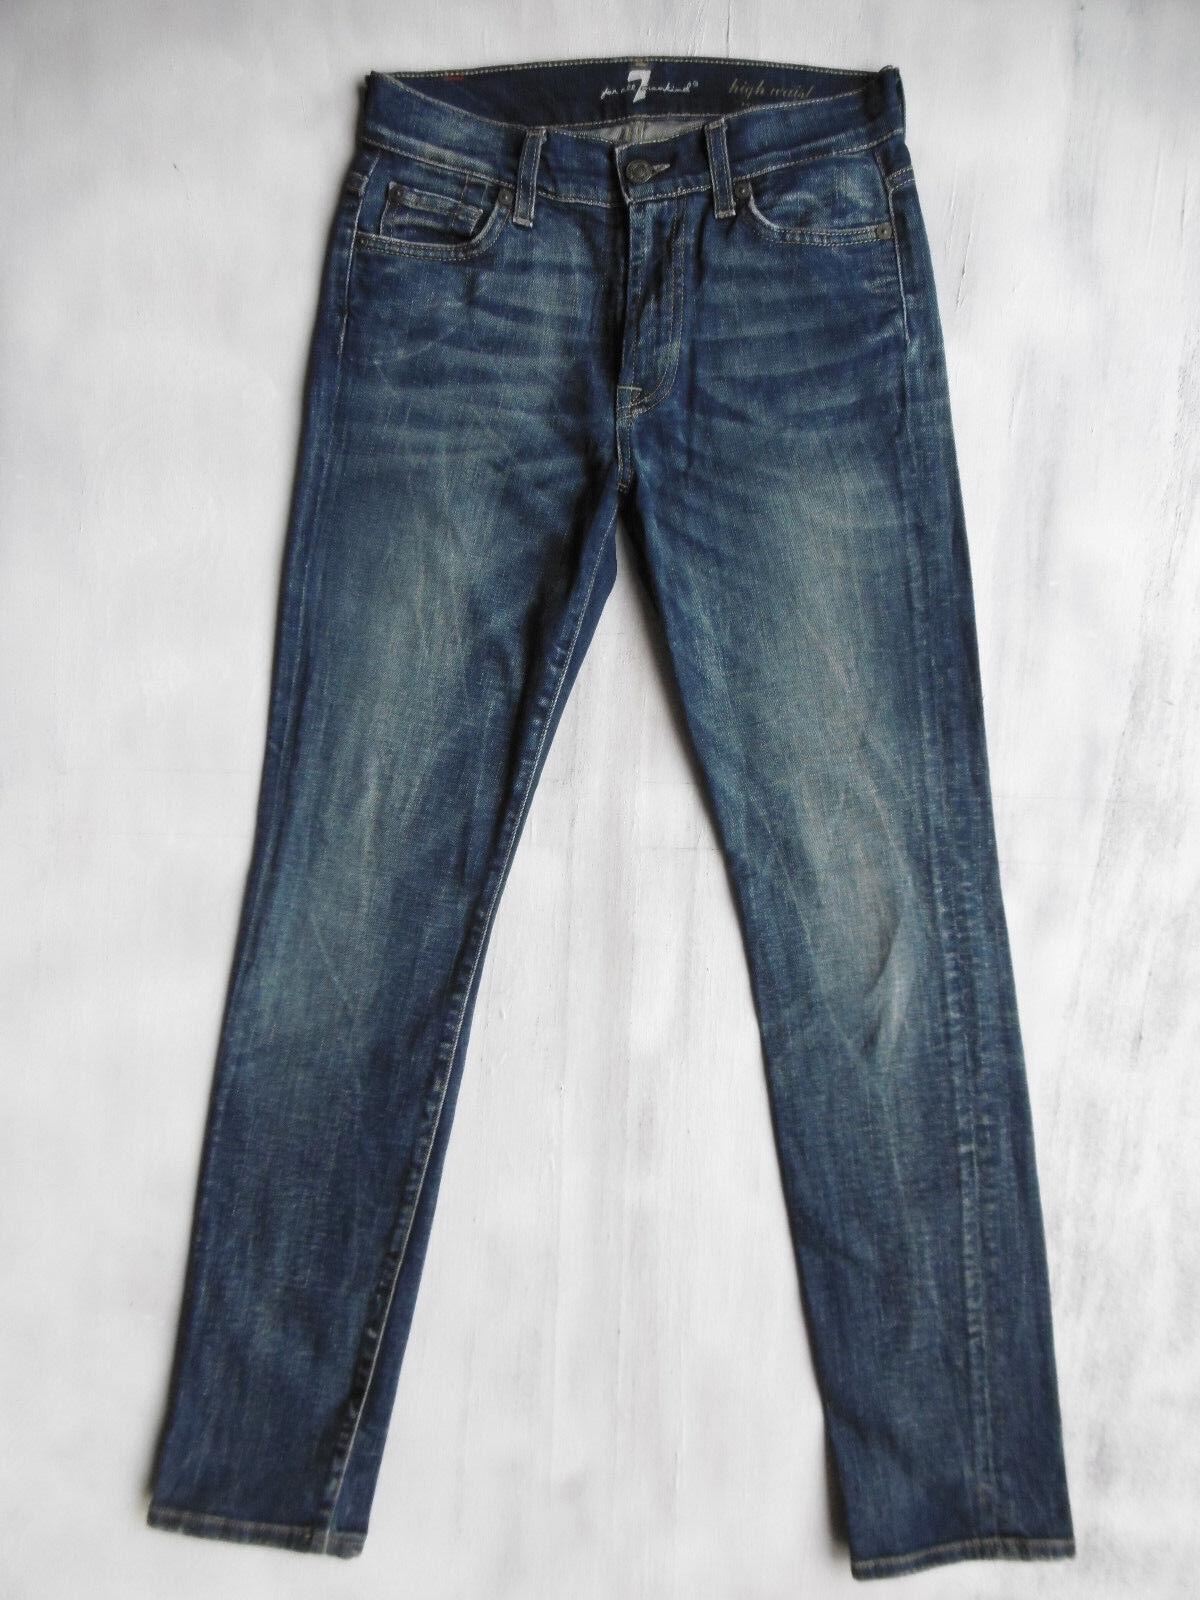 7 Seven for all Mankind Roxanne High Waist Jeans Hose Gr 32 34 W25 L30 neuw.´206 | Schön In Der Farbe  | Grüne, neue Technologie  | Attraktives Aussehen  | New Products  | Überlegene Qualität